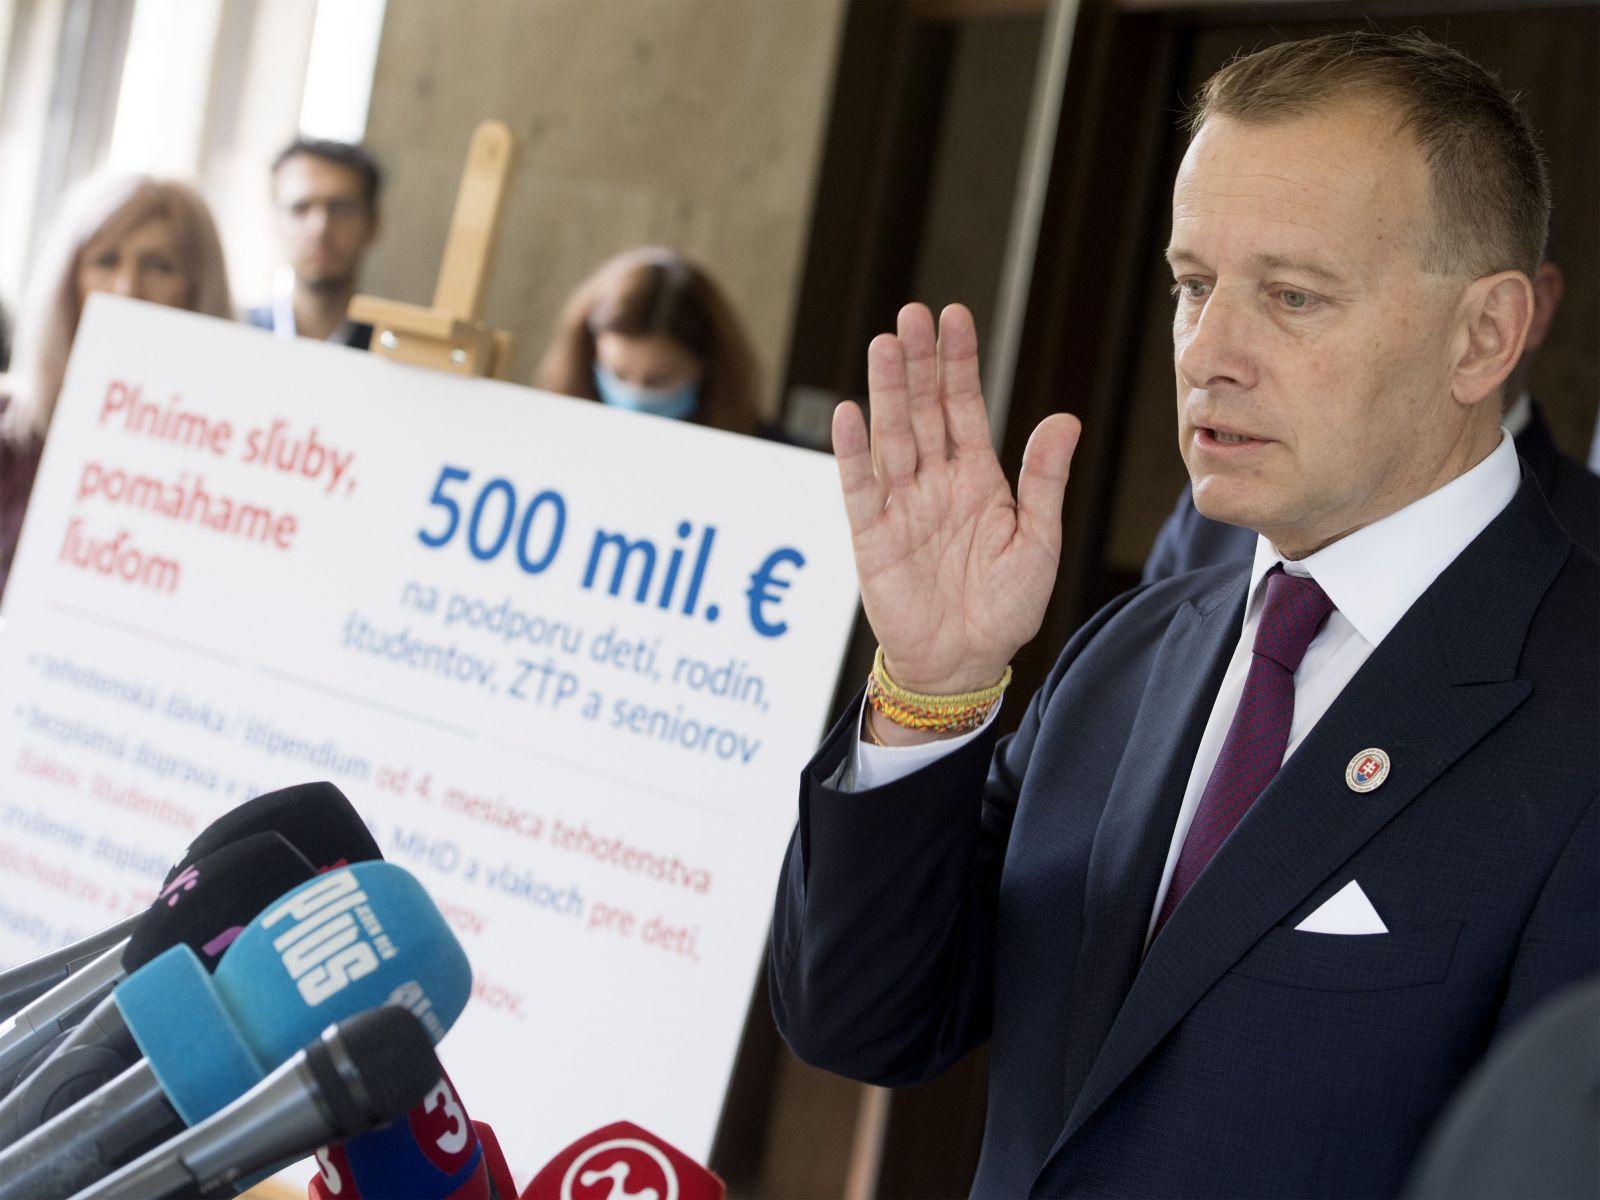 Firma Borisa Kollára zarobí na zmluve so štátnym Tiposom 250-tisíc eur, kritizujú predsedu parlamentu Smer aj Dobrá voľba